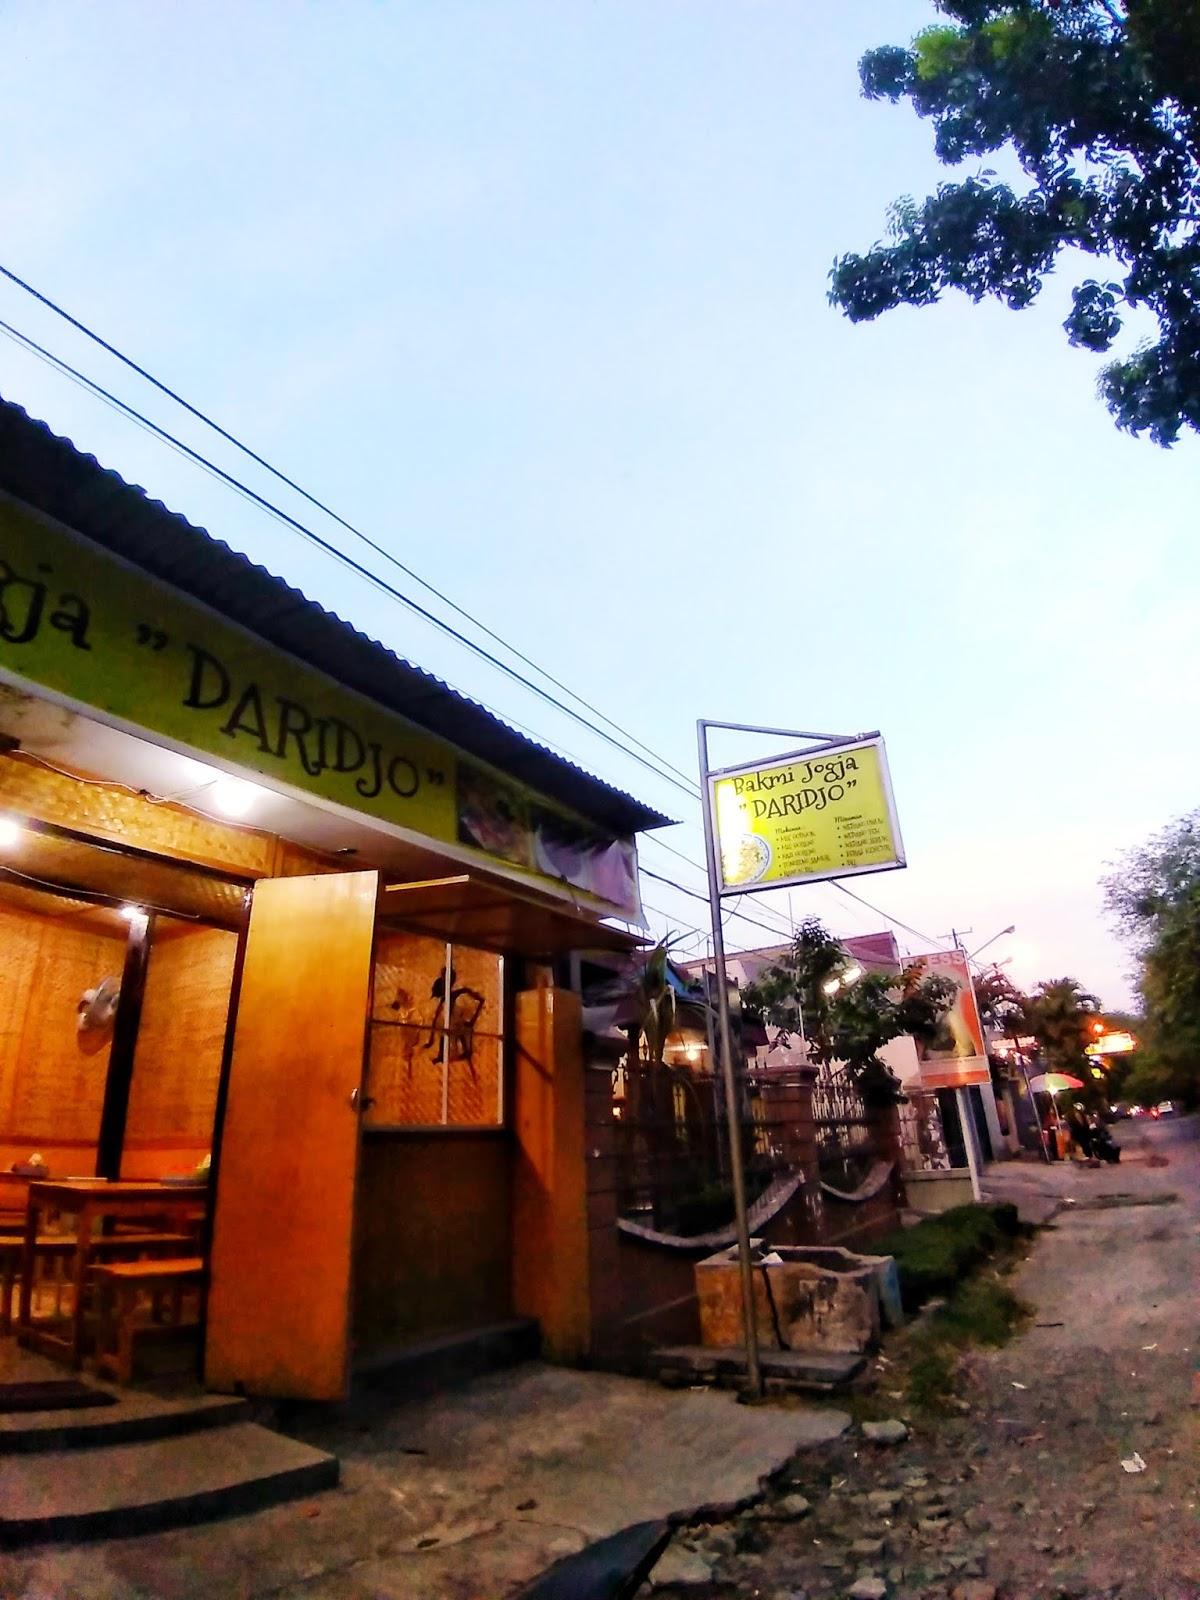 Menyantap Bakmi Jogja Di Surabaya - Bakmi Jogja Daridjo